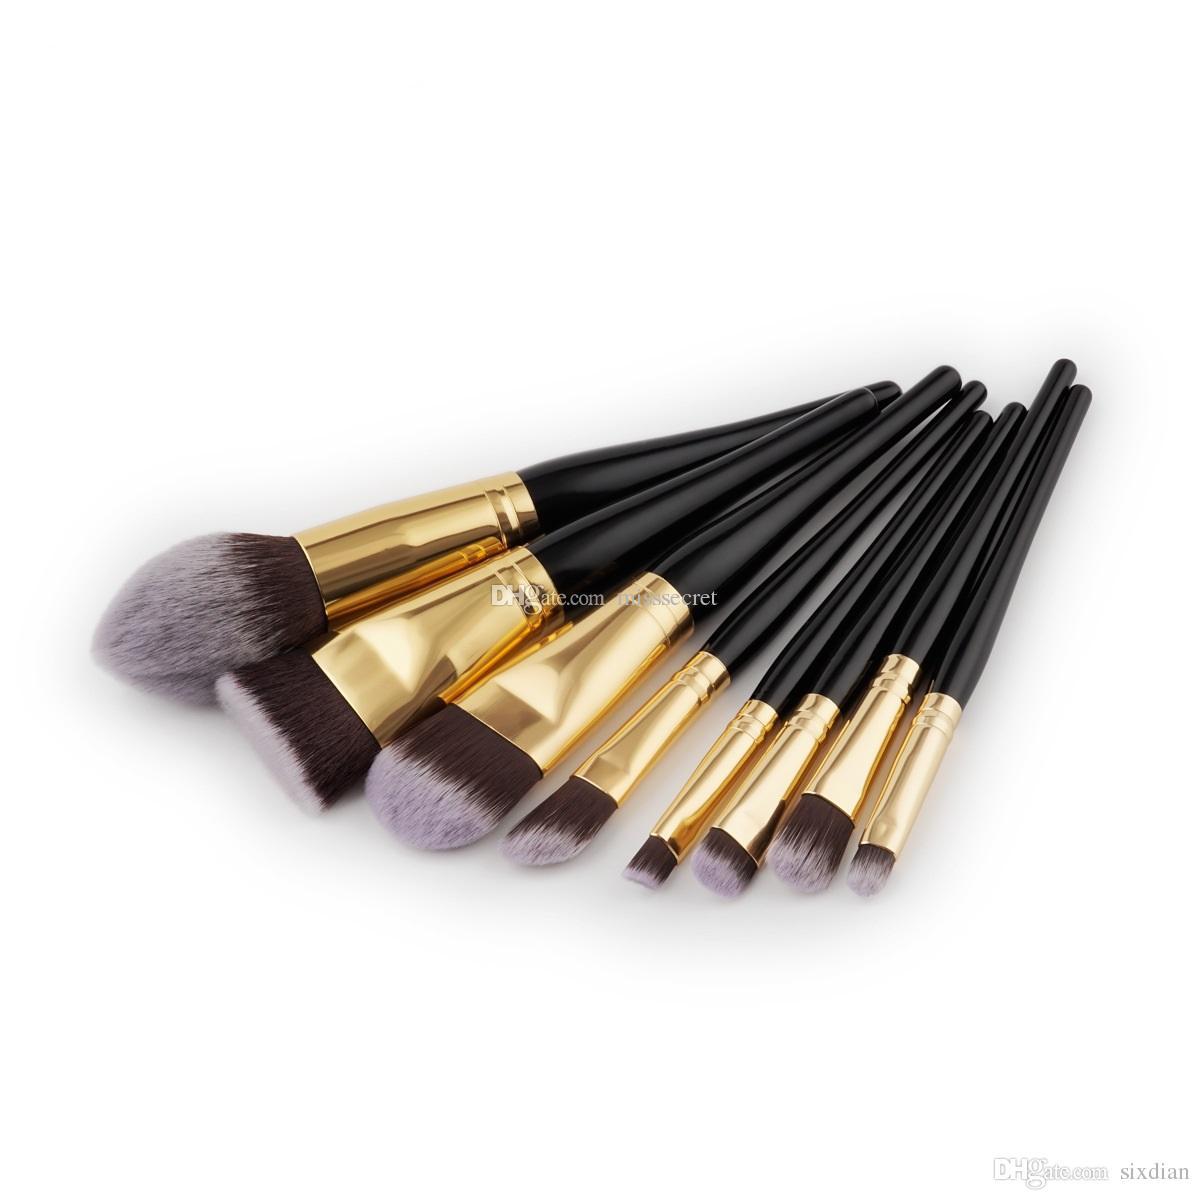 Premium Make-up Pinsel Set 8pcs weiche synthetische Haarbürste professionelle Make-up Künstler Pinsel Werkzeug Make-up Pinsel Kit Tools DHL frei